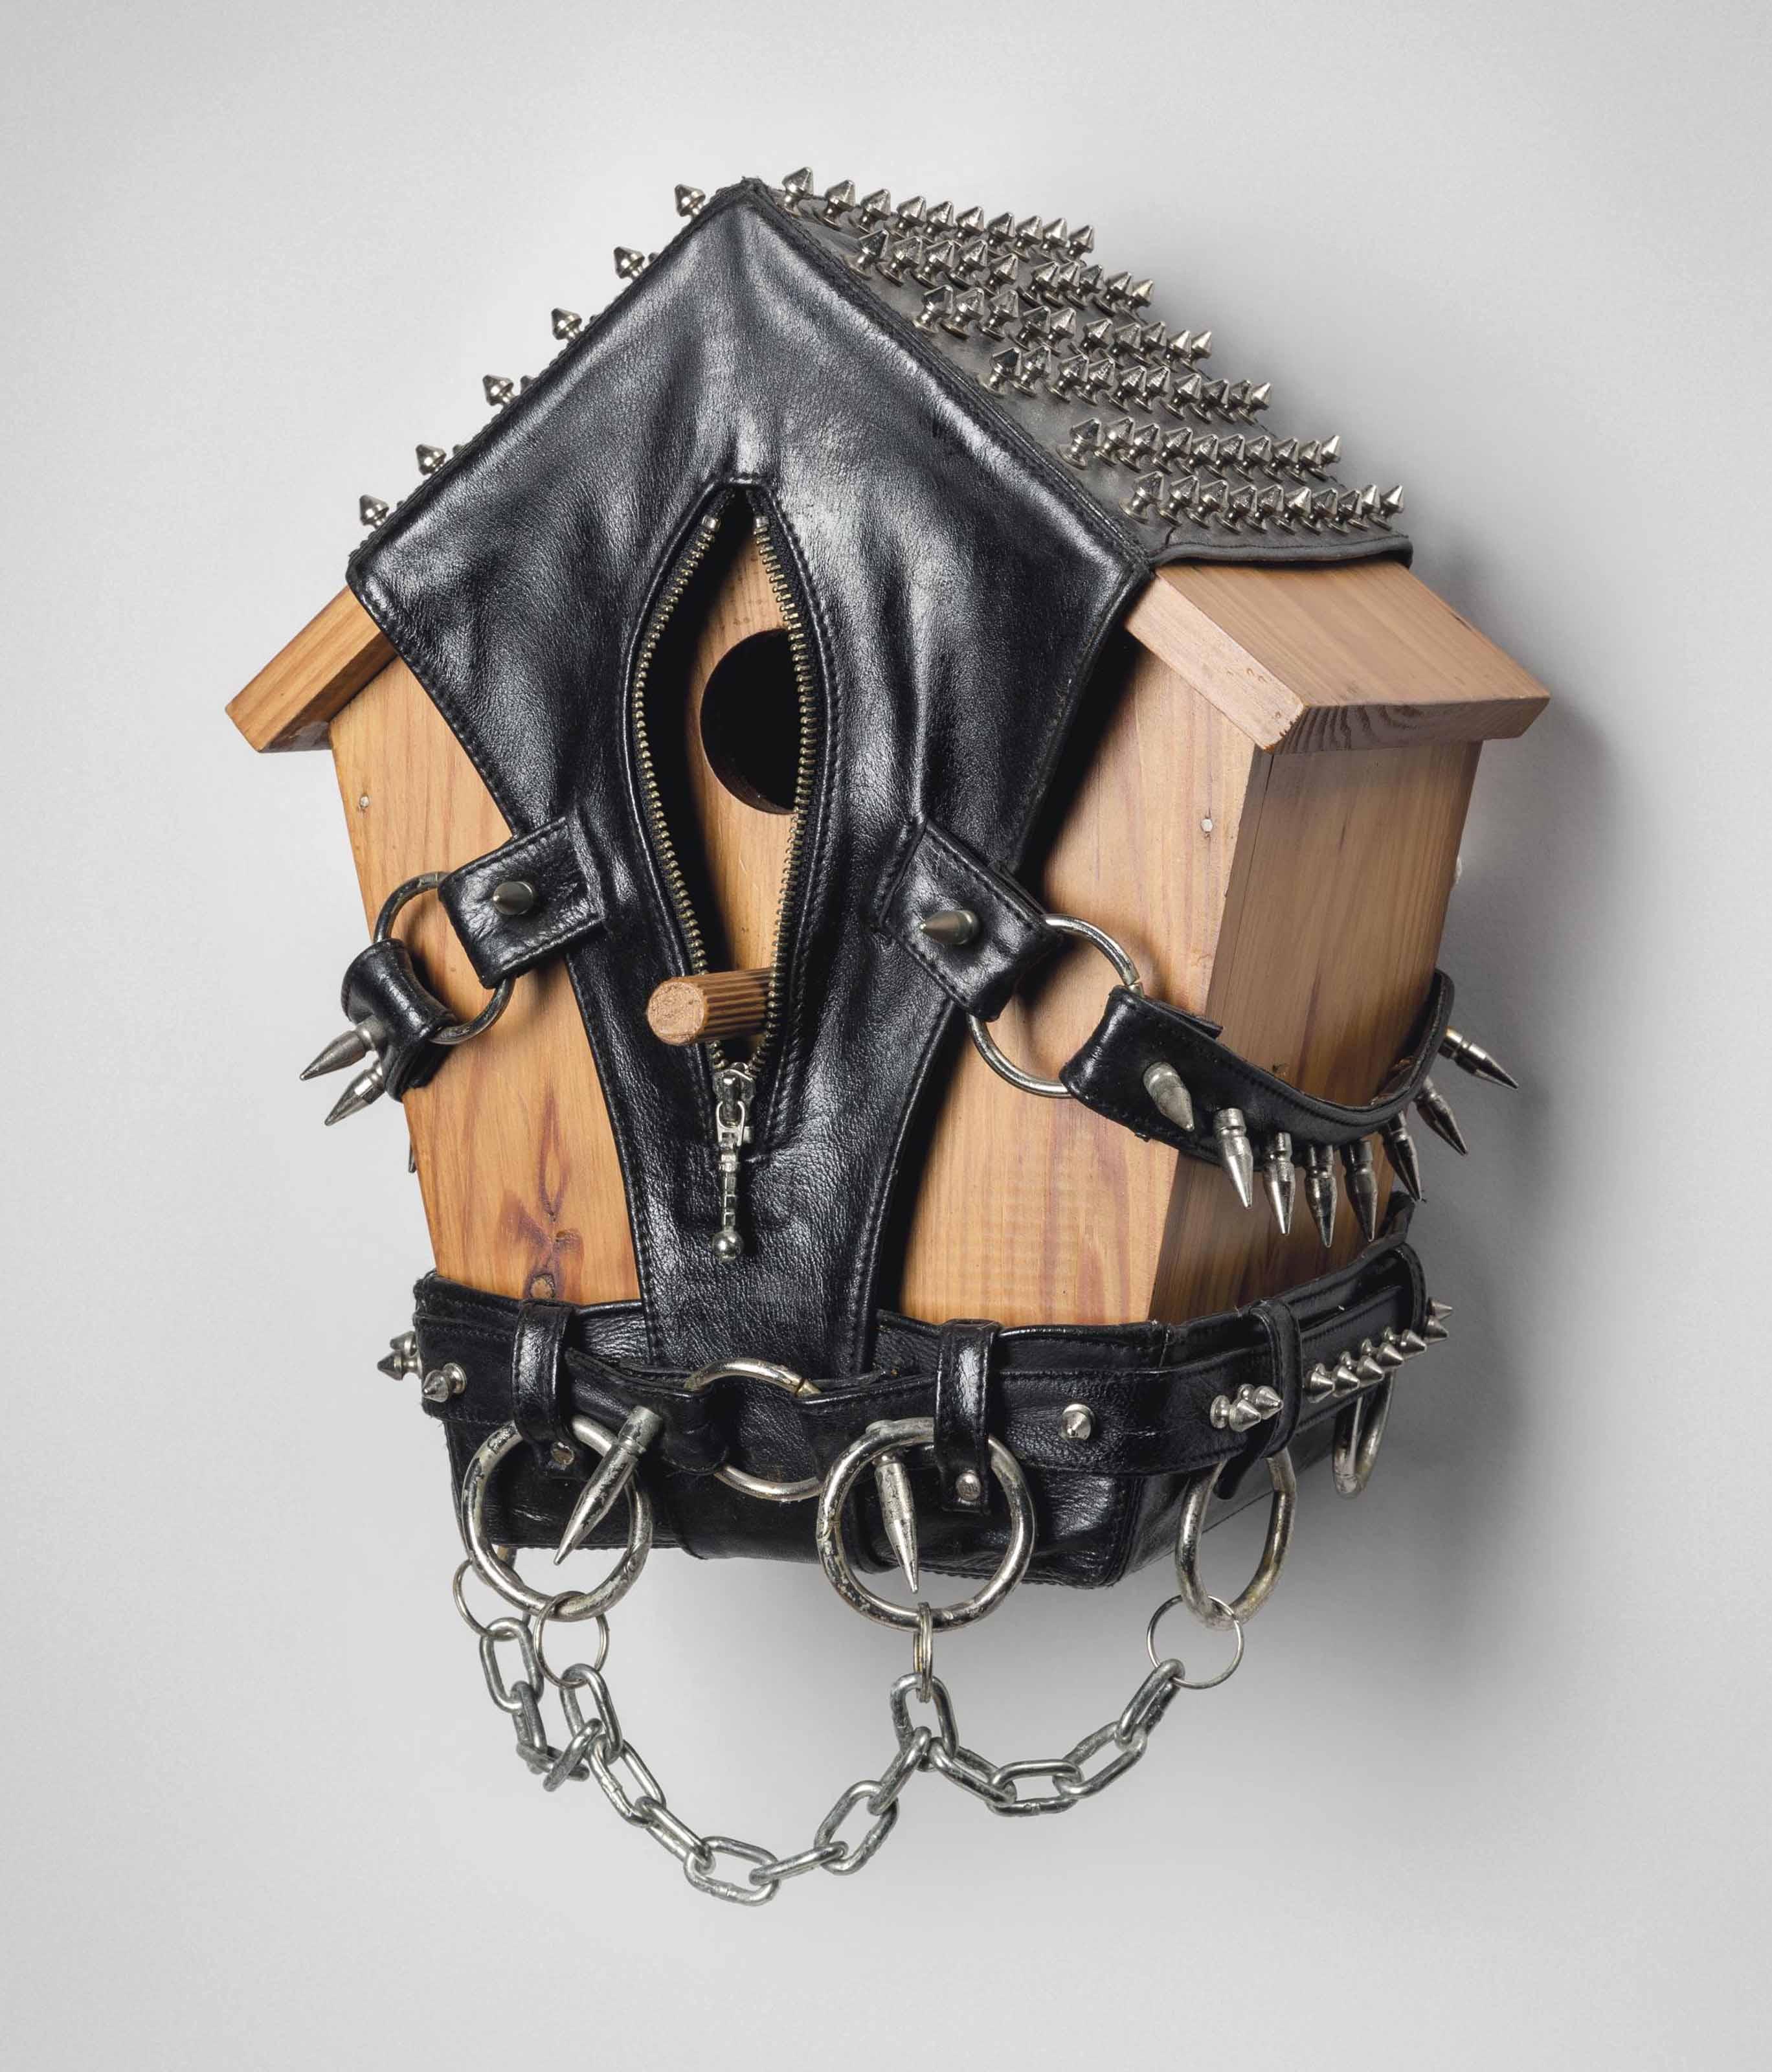 Birdhouse (# 17)